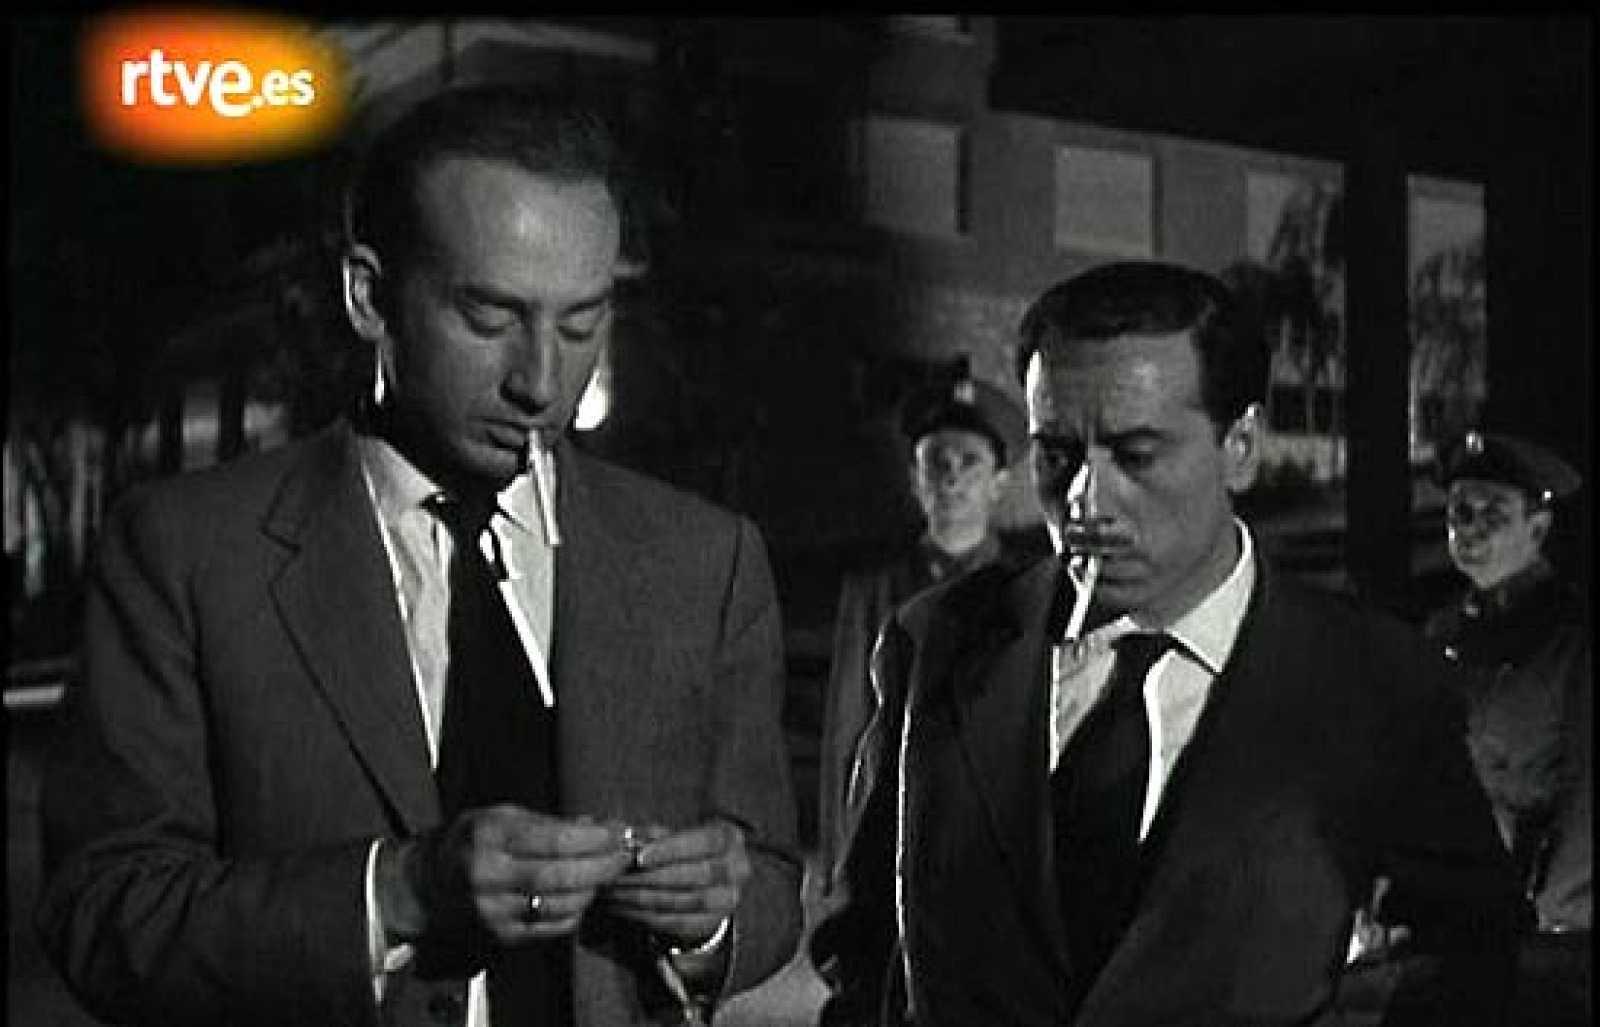 Dirigida por José María Forqué, '091 policía al habla' reunió a José Luis López Vázquez, Tony Leblanc y Adolfo Marsillach, entre otros grandes mitos del cine español.